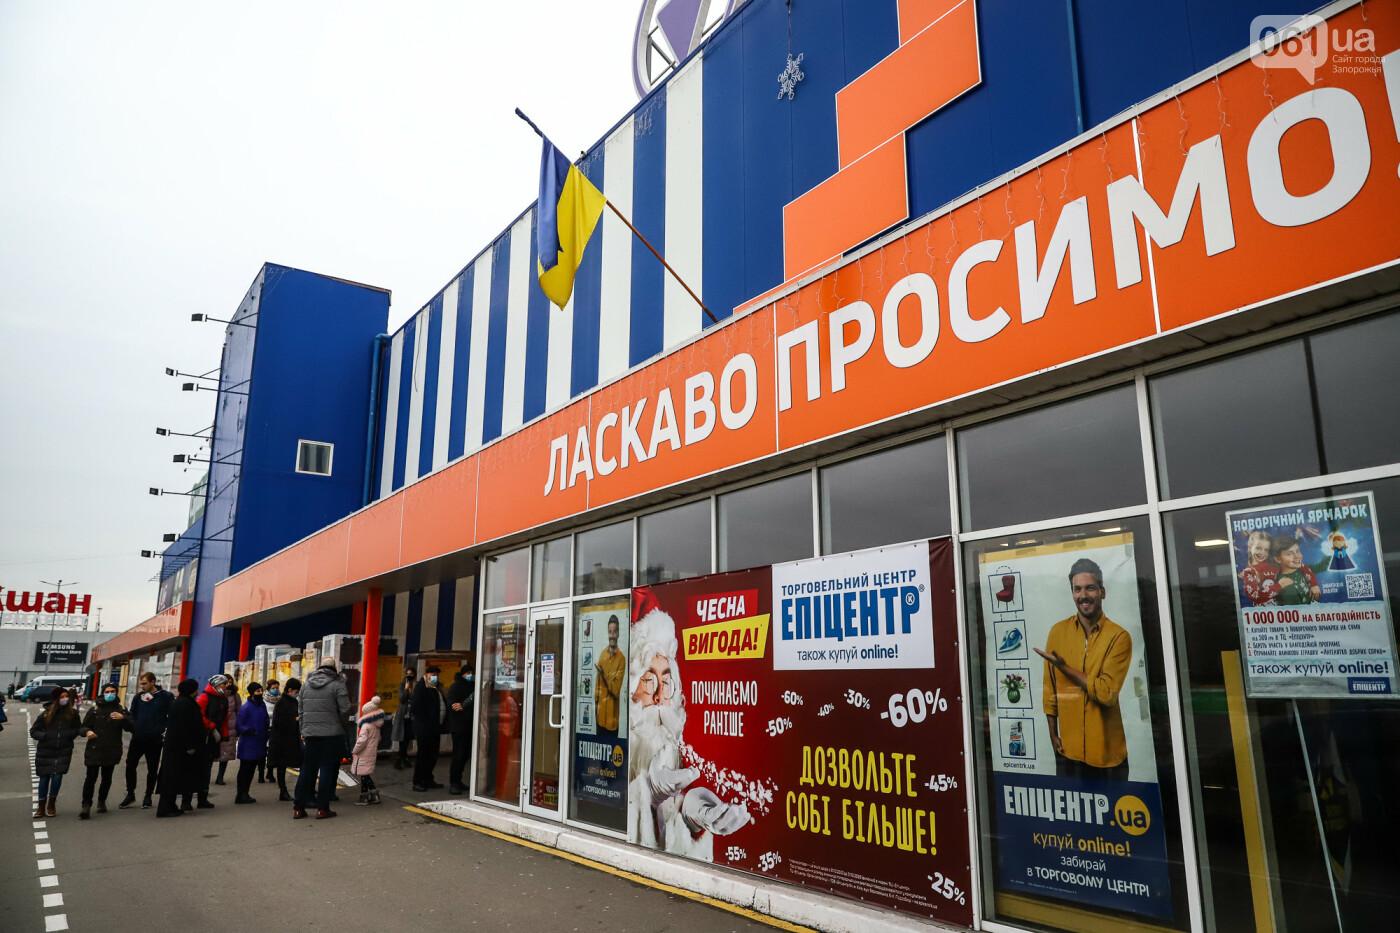 Защитные ленты на товарах, неработающие ТРЦ и полузакрытые рынки – фоторепортаж о первом дне локдауна в Запорожье, фото-38